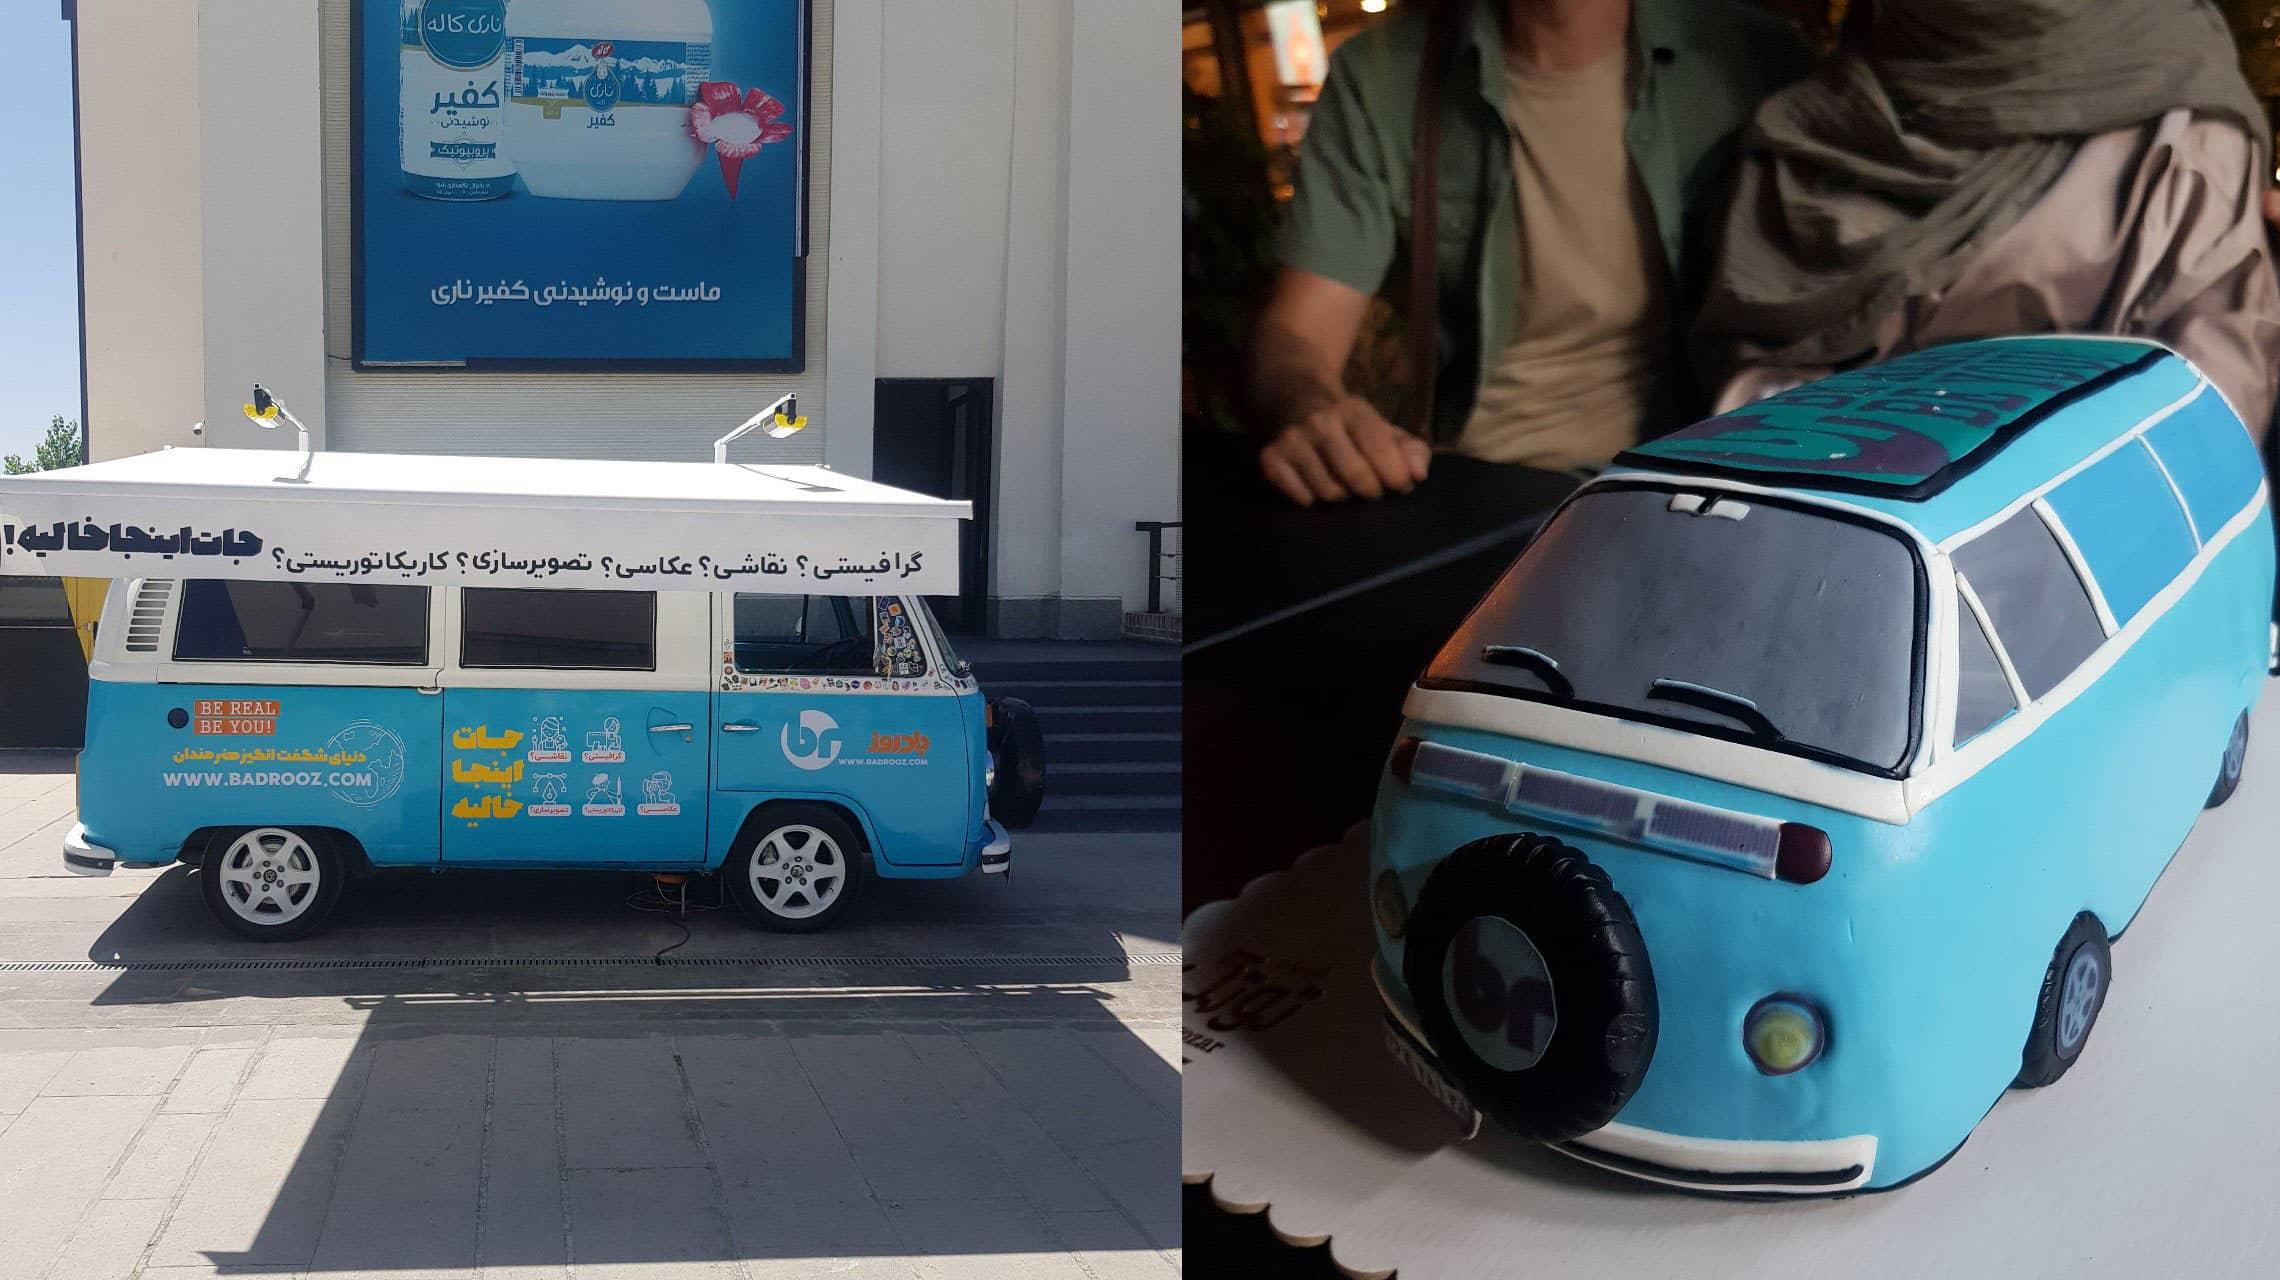 مراسم افتتاح فروشگاه سیار بادروز